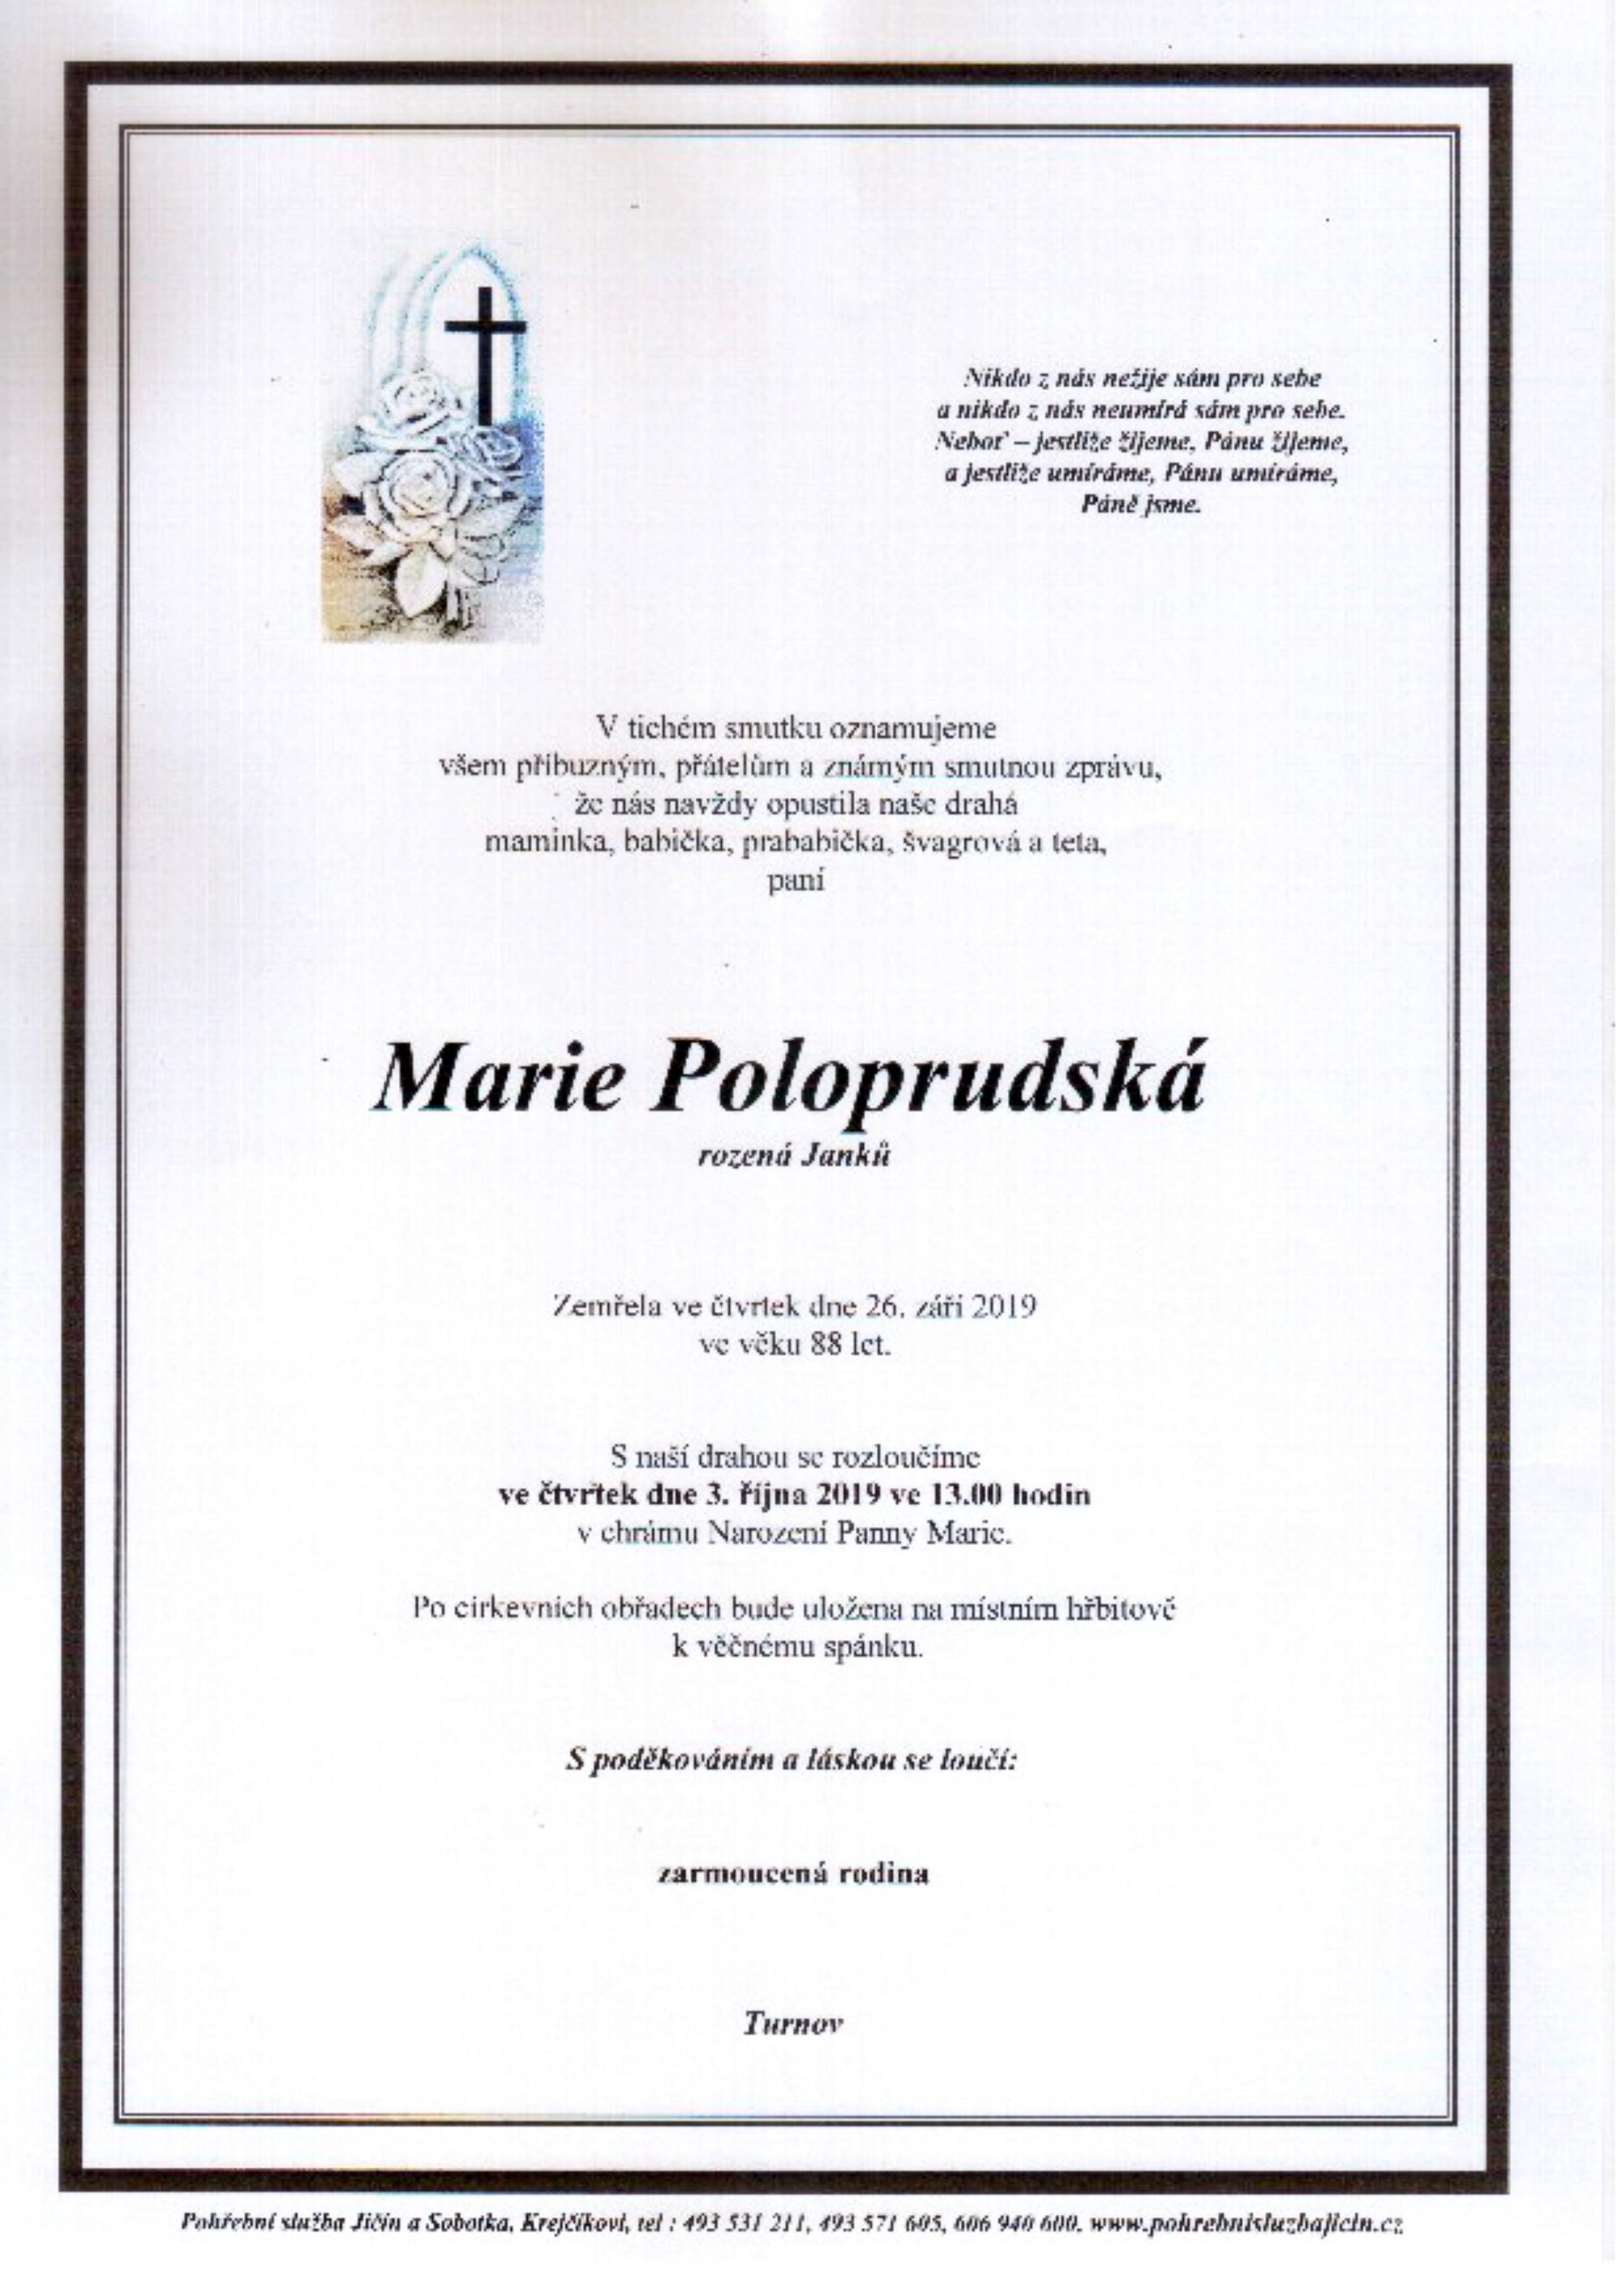 Marie Poloprudská